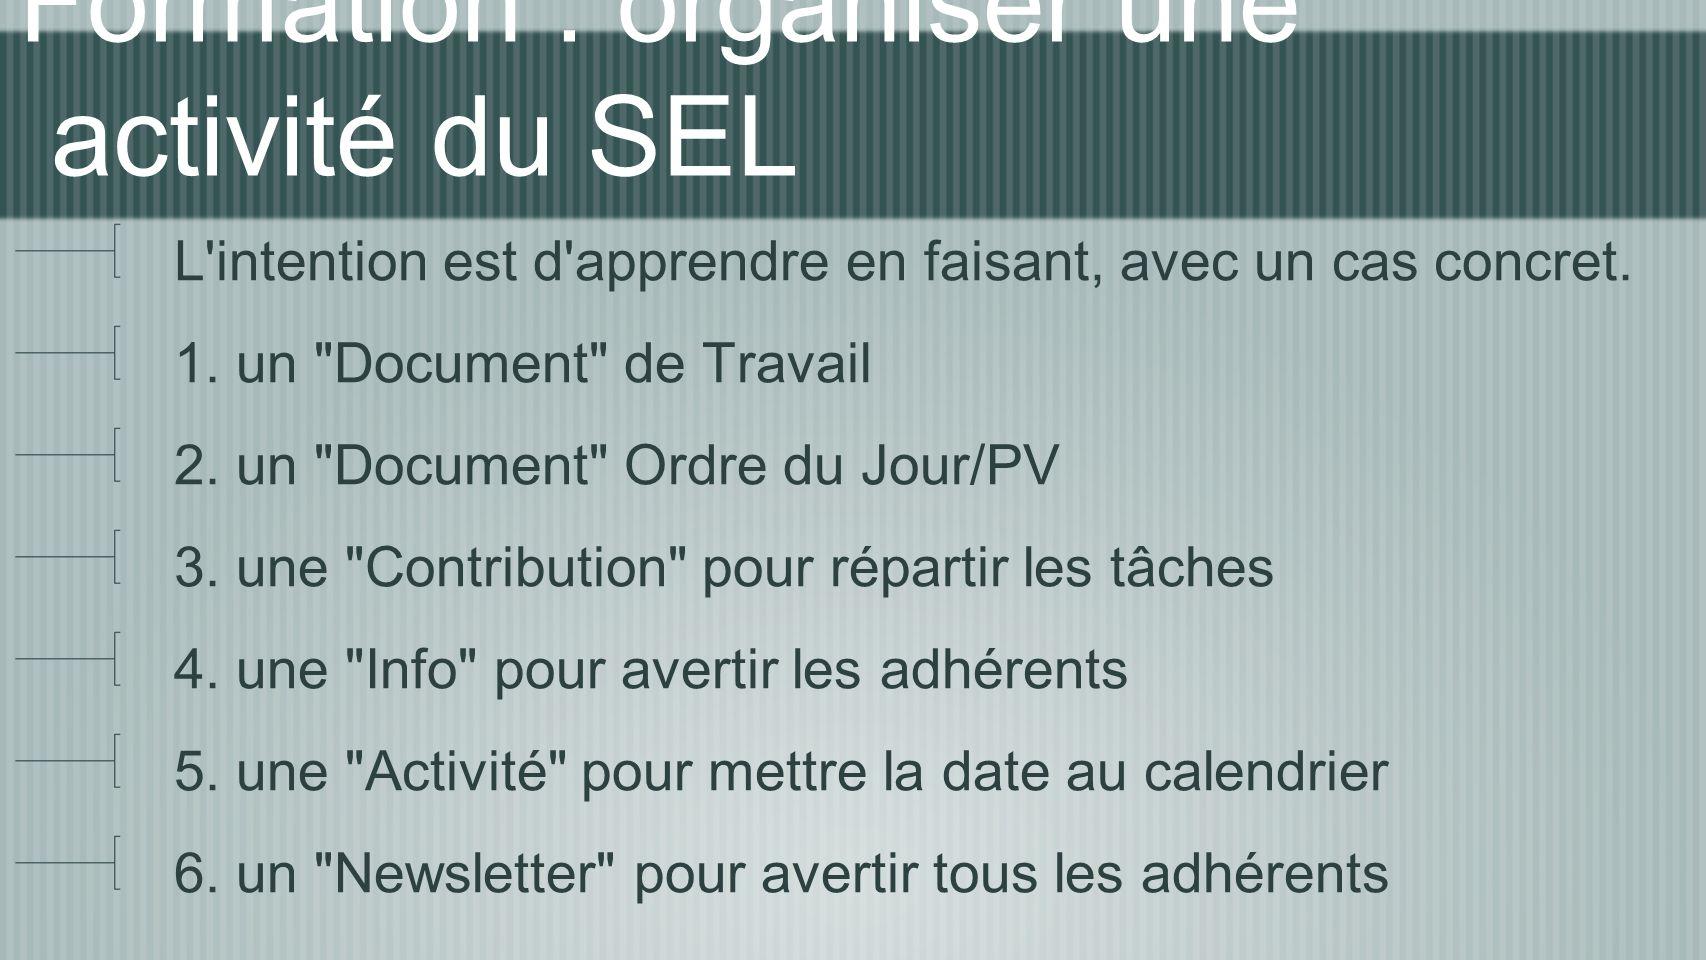 Formation : organiser une activité du SEL L intention est d apprendre en faisant, avec un cas concret.